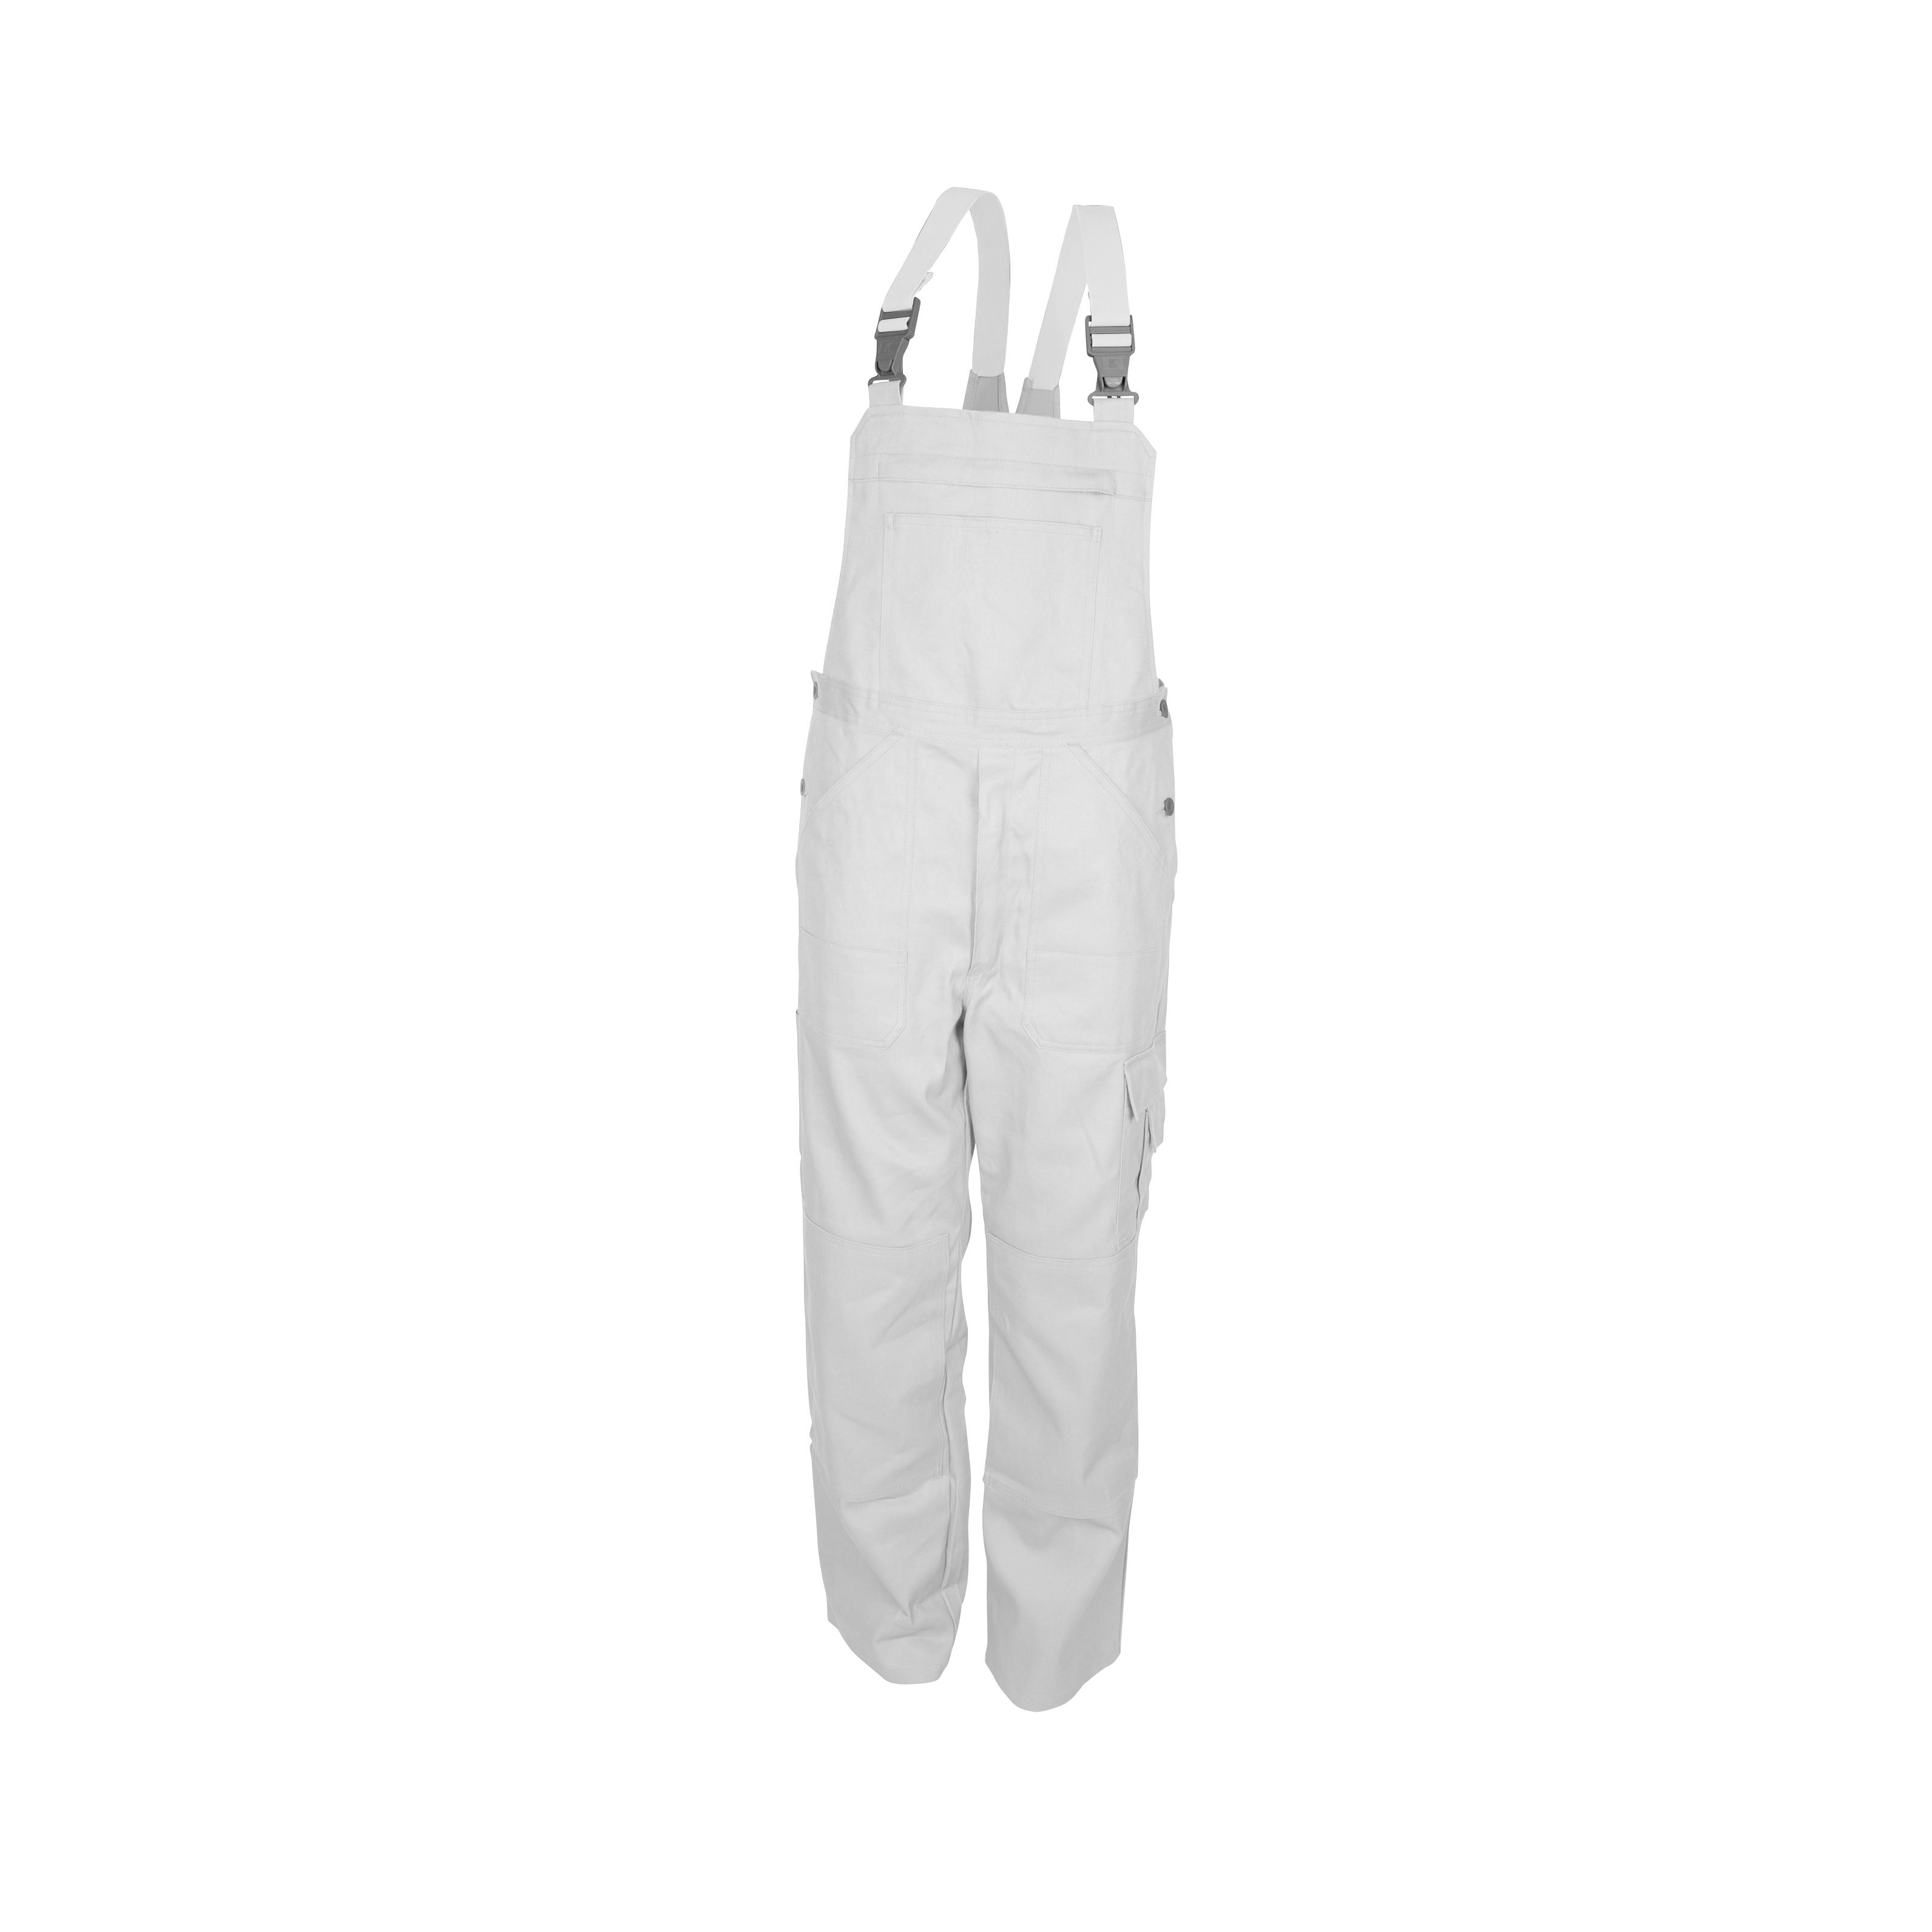 KÜBLER kantáros nadrág Quality Dress fehér 46-os méret 100%pamut 0aada2a08e